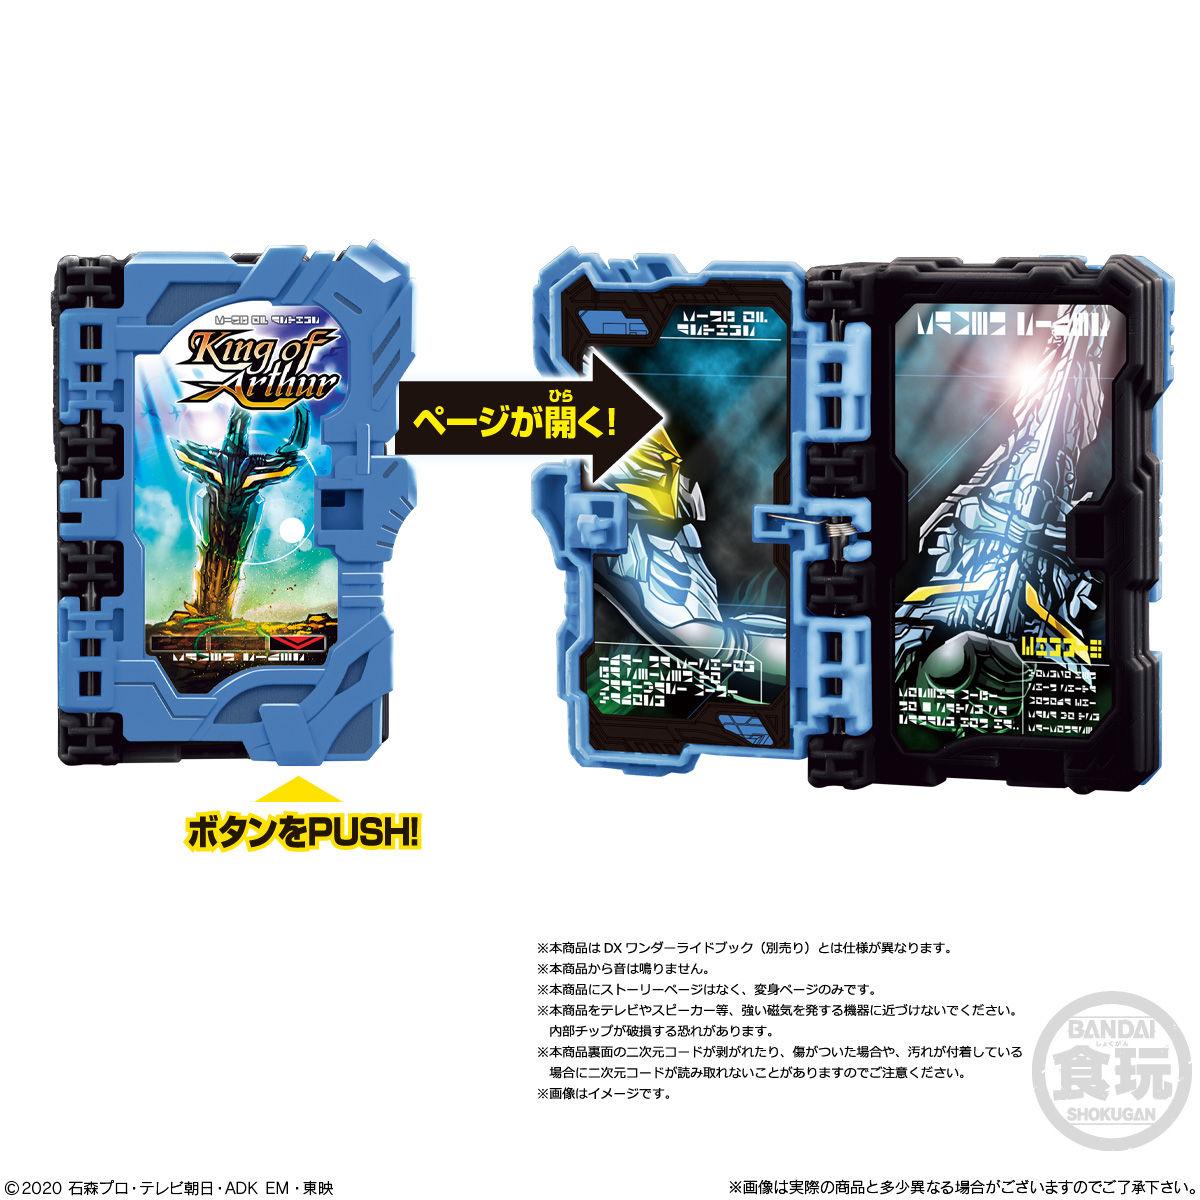 【食玩】仮面ライダーセイバー『コレクタブルワンダーライドブック SG05』8個入りBOX-008